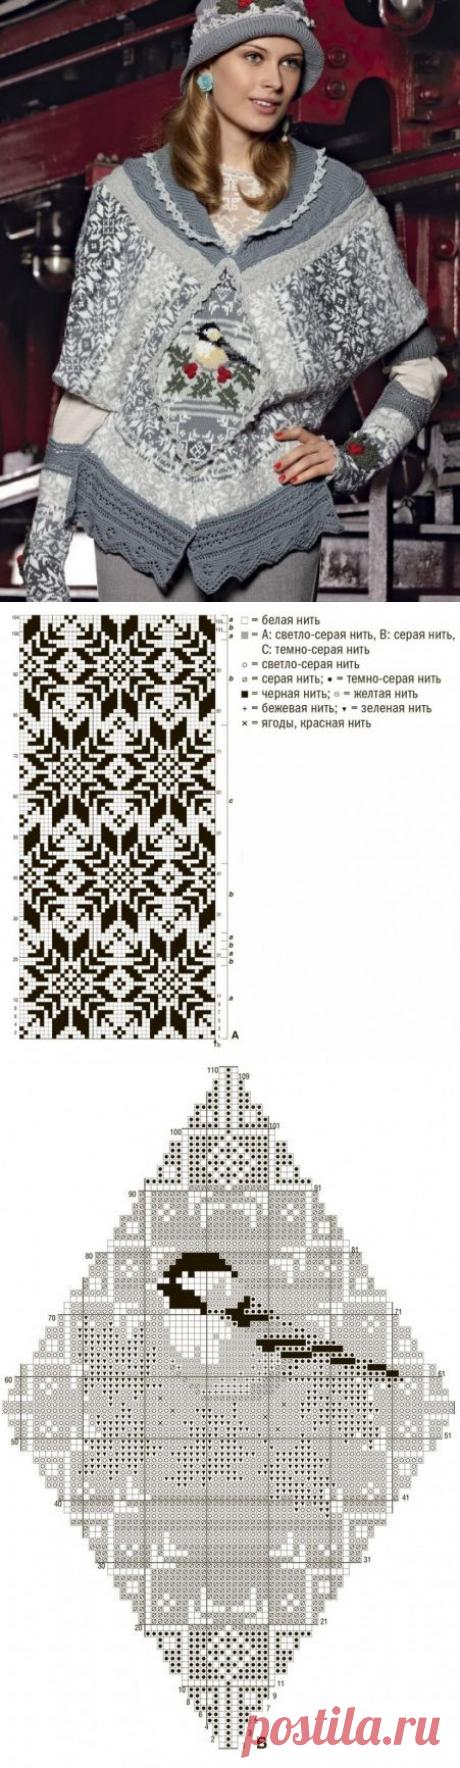 Шарф-пончо с жаккардовым узором из категории Интересные идеи – Вязаные идеи, идеи для вязания